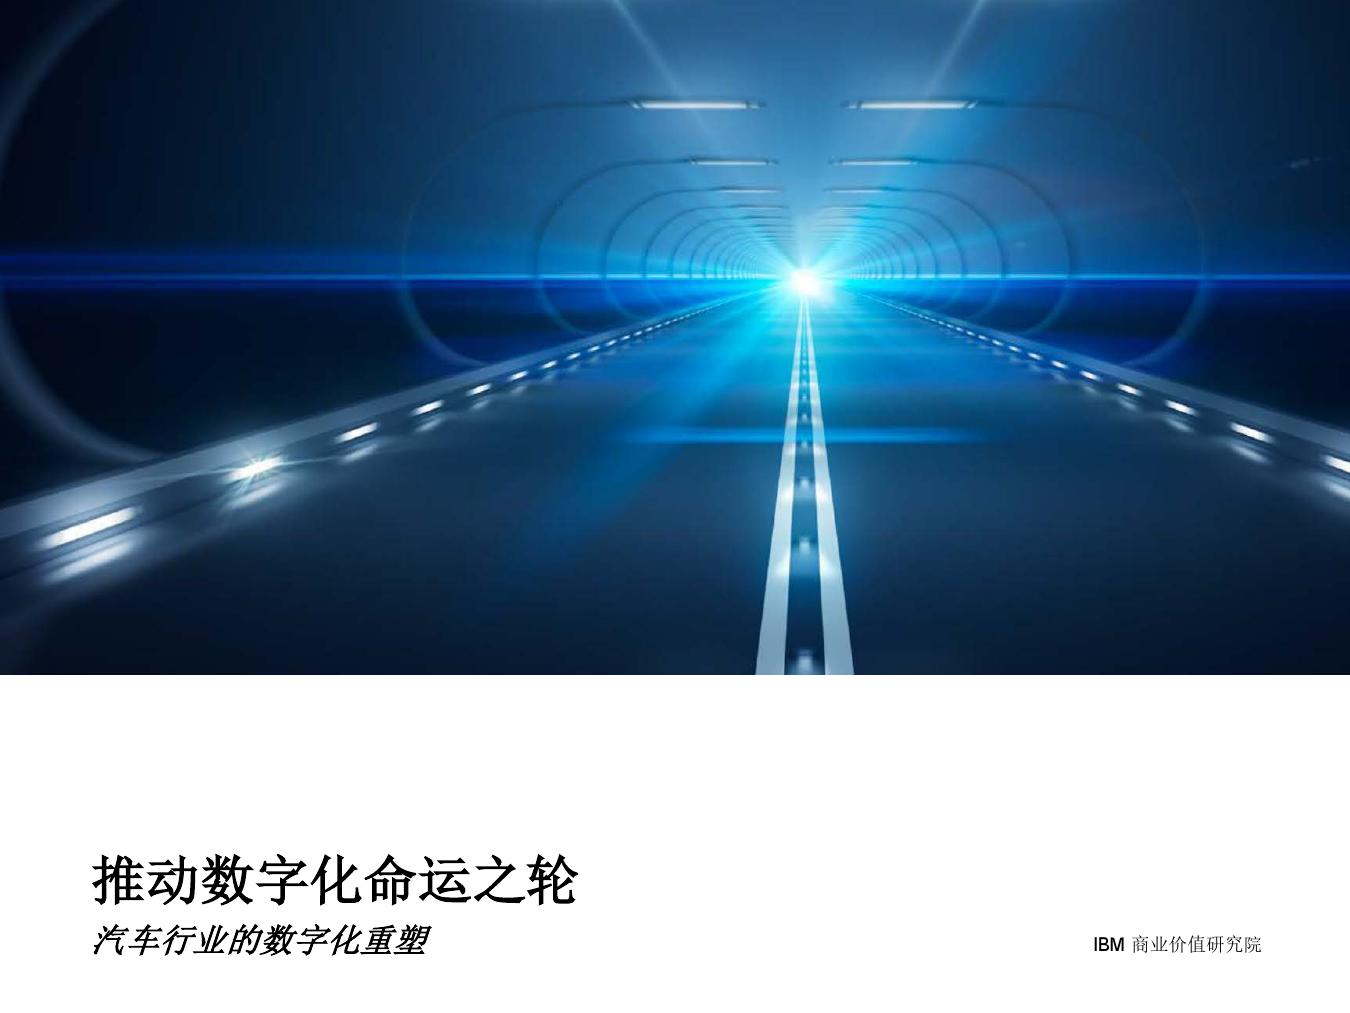 推动数字化命运之轮:汽车行业的数字化重塑(附下载)